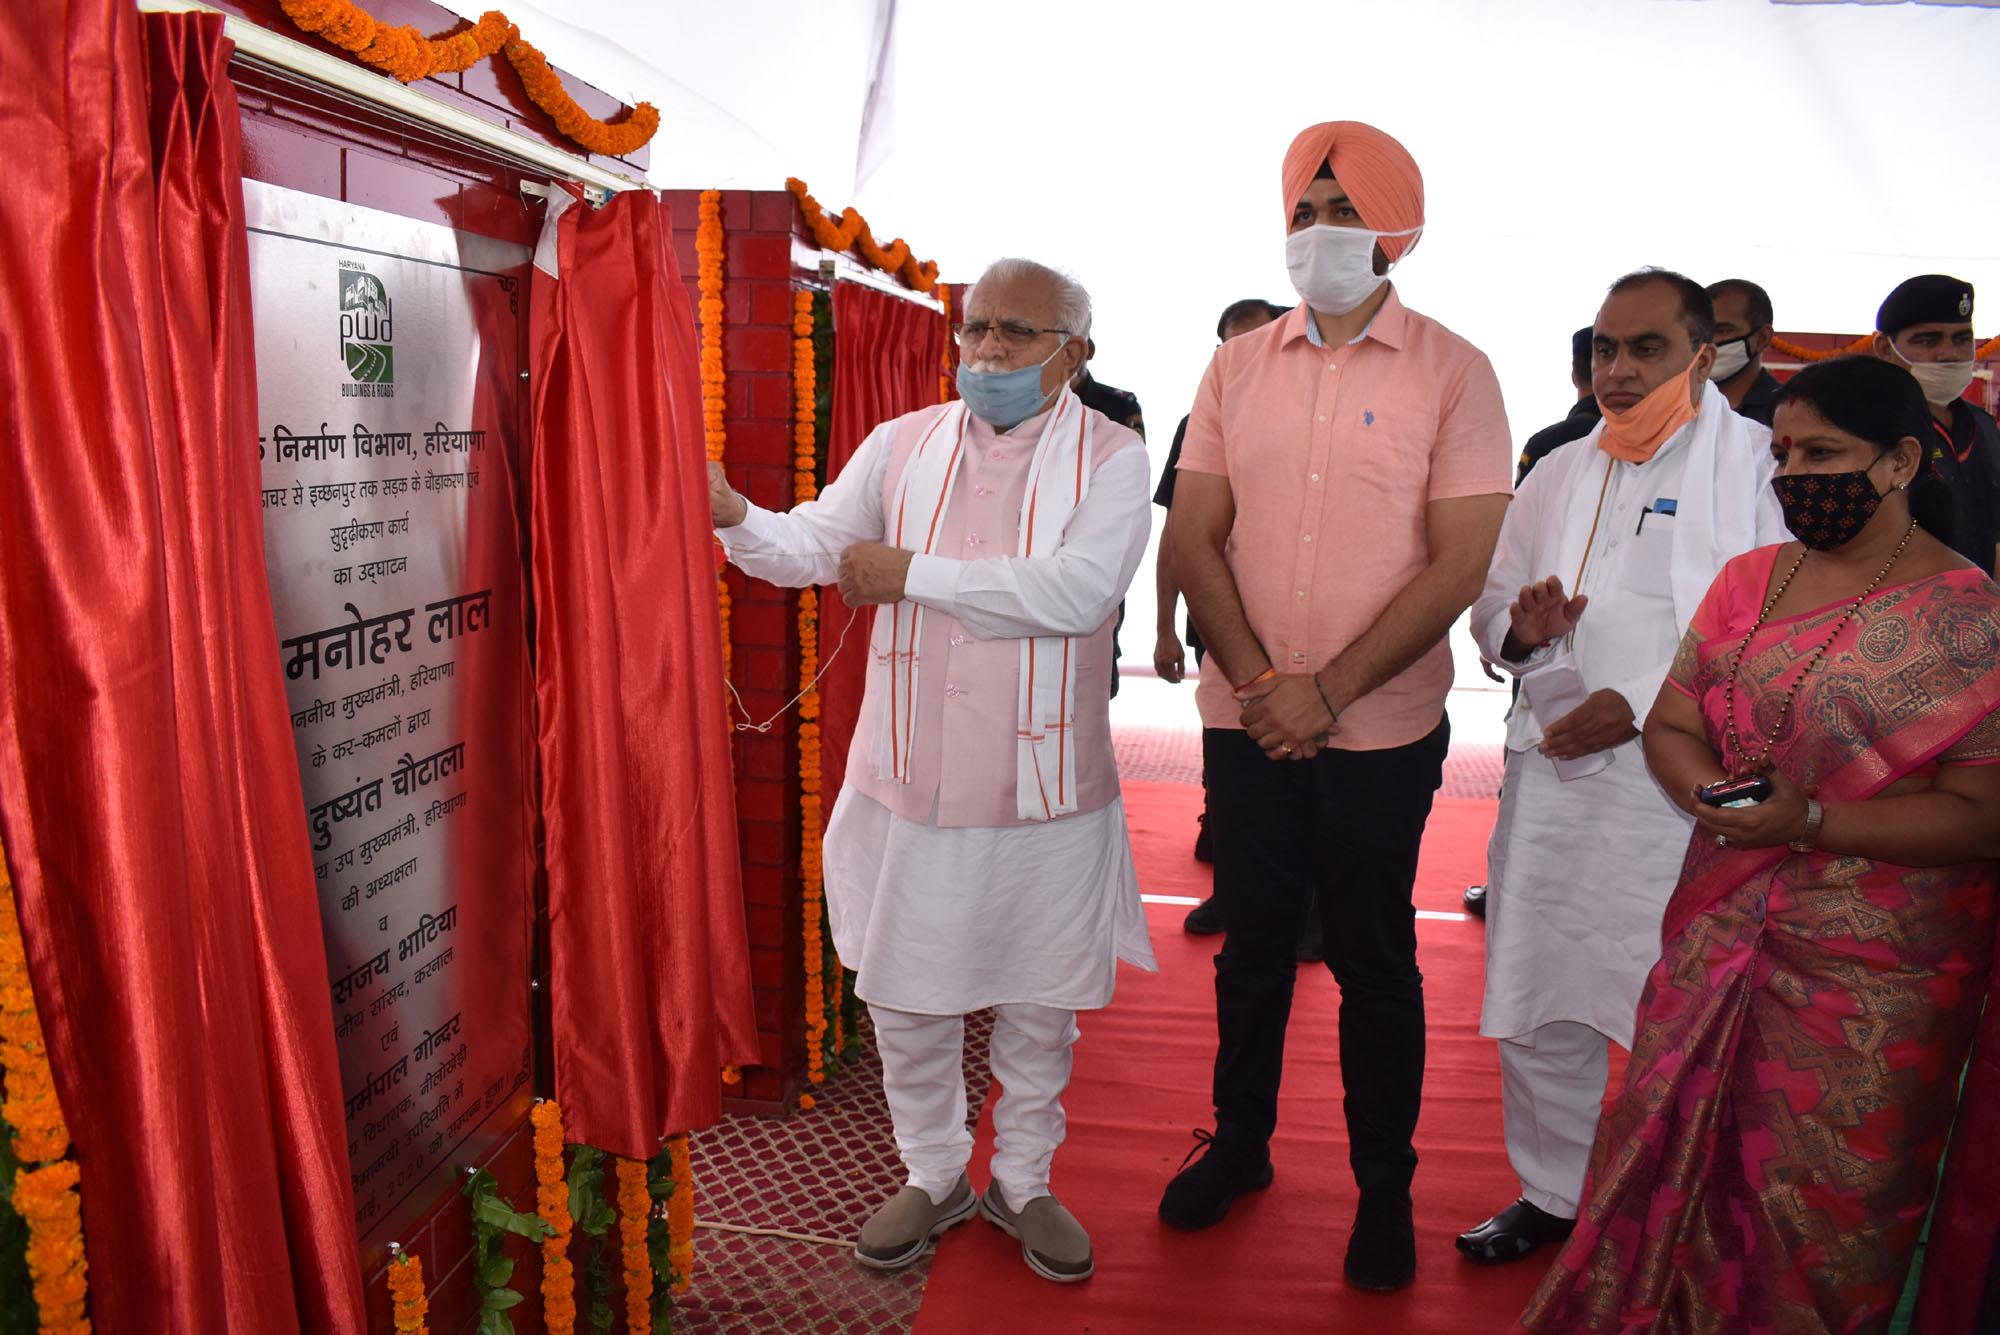 मुख्यमंत्री मनोहर लाल ने करनाल को करीब 42 करोड़ रुपये के विकास कार्यों की दी सौगात